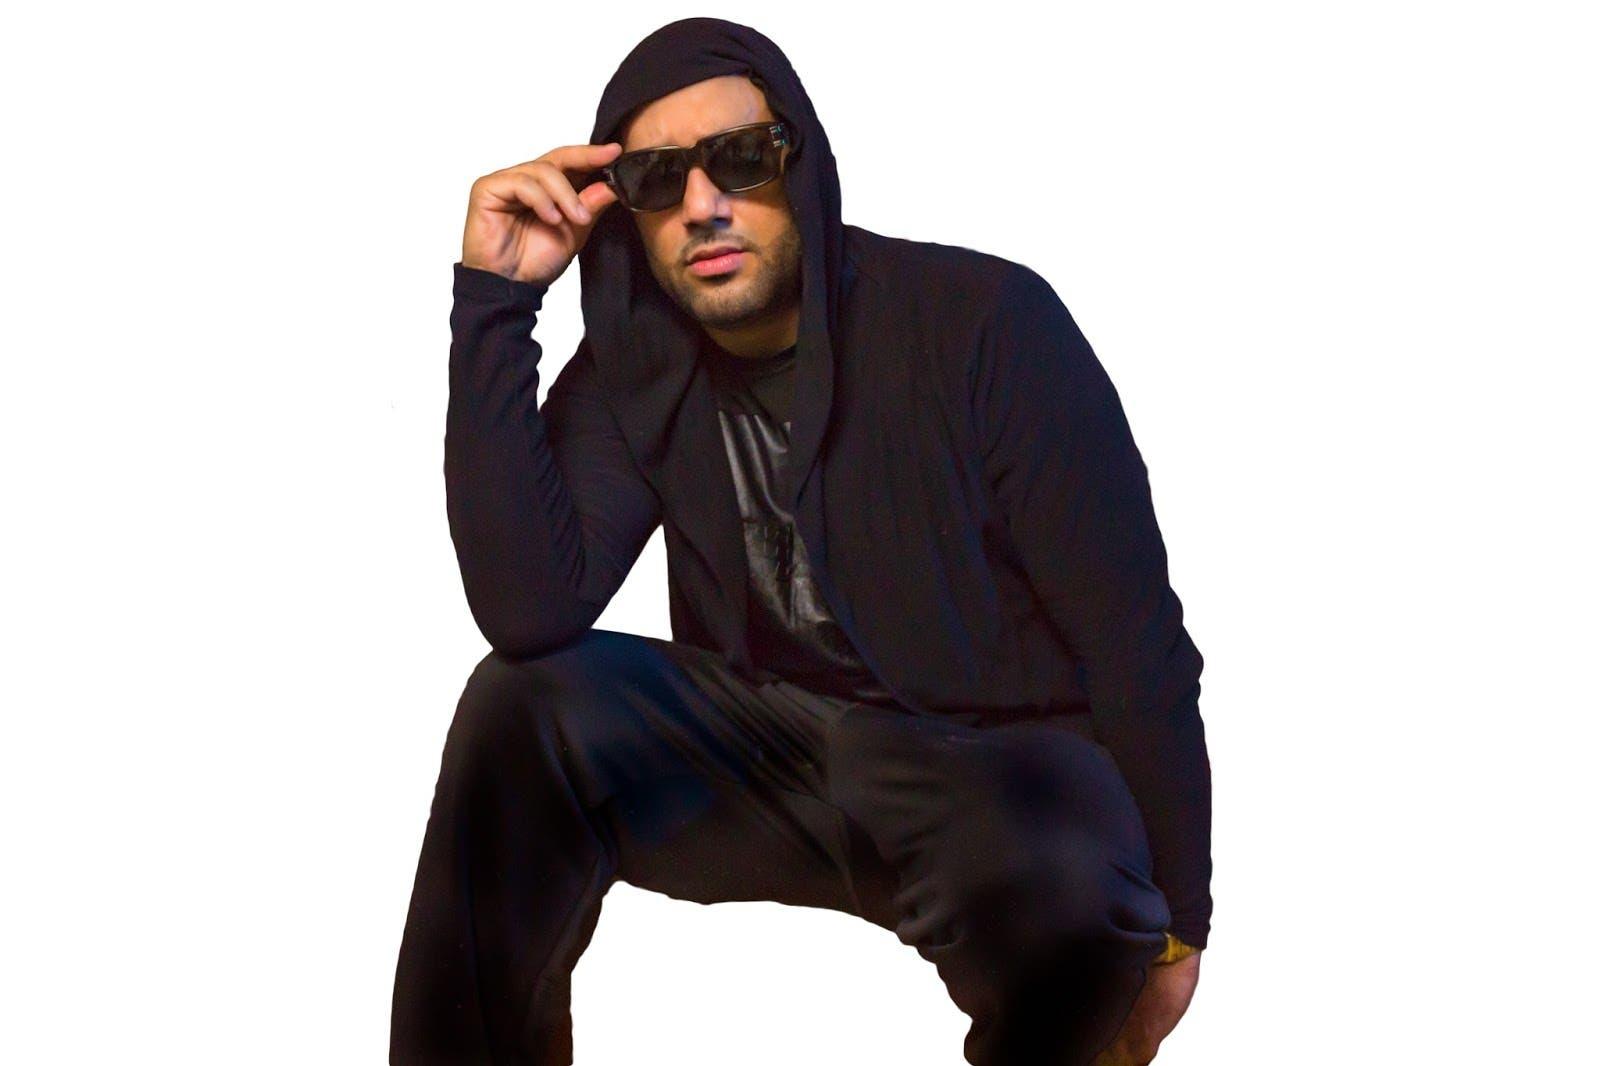 Apresan al cantante El Cata por supuesta agresión a su expareja